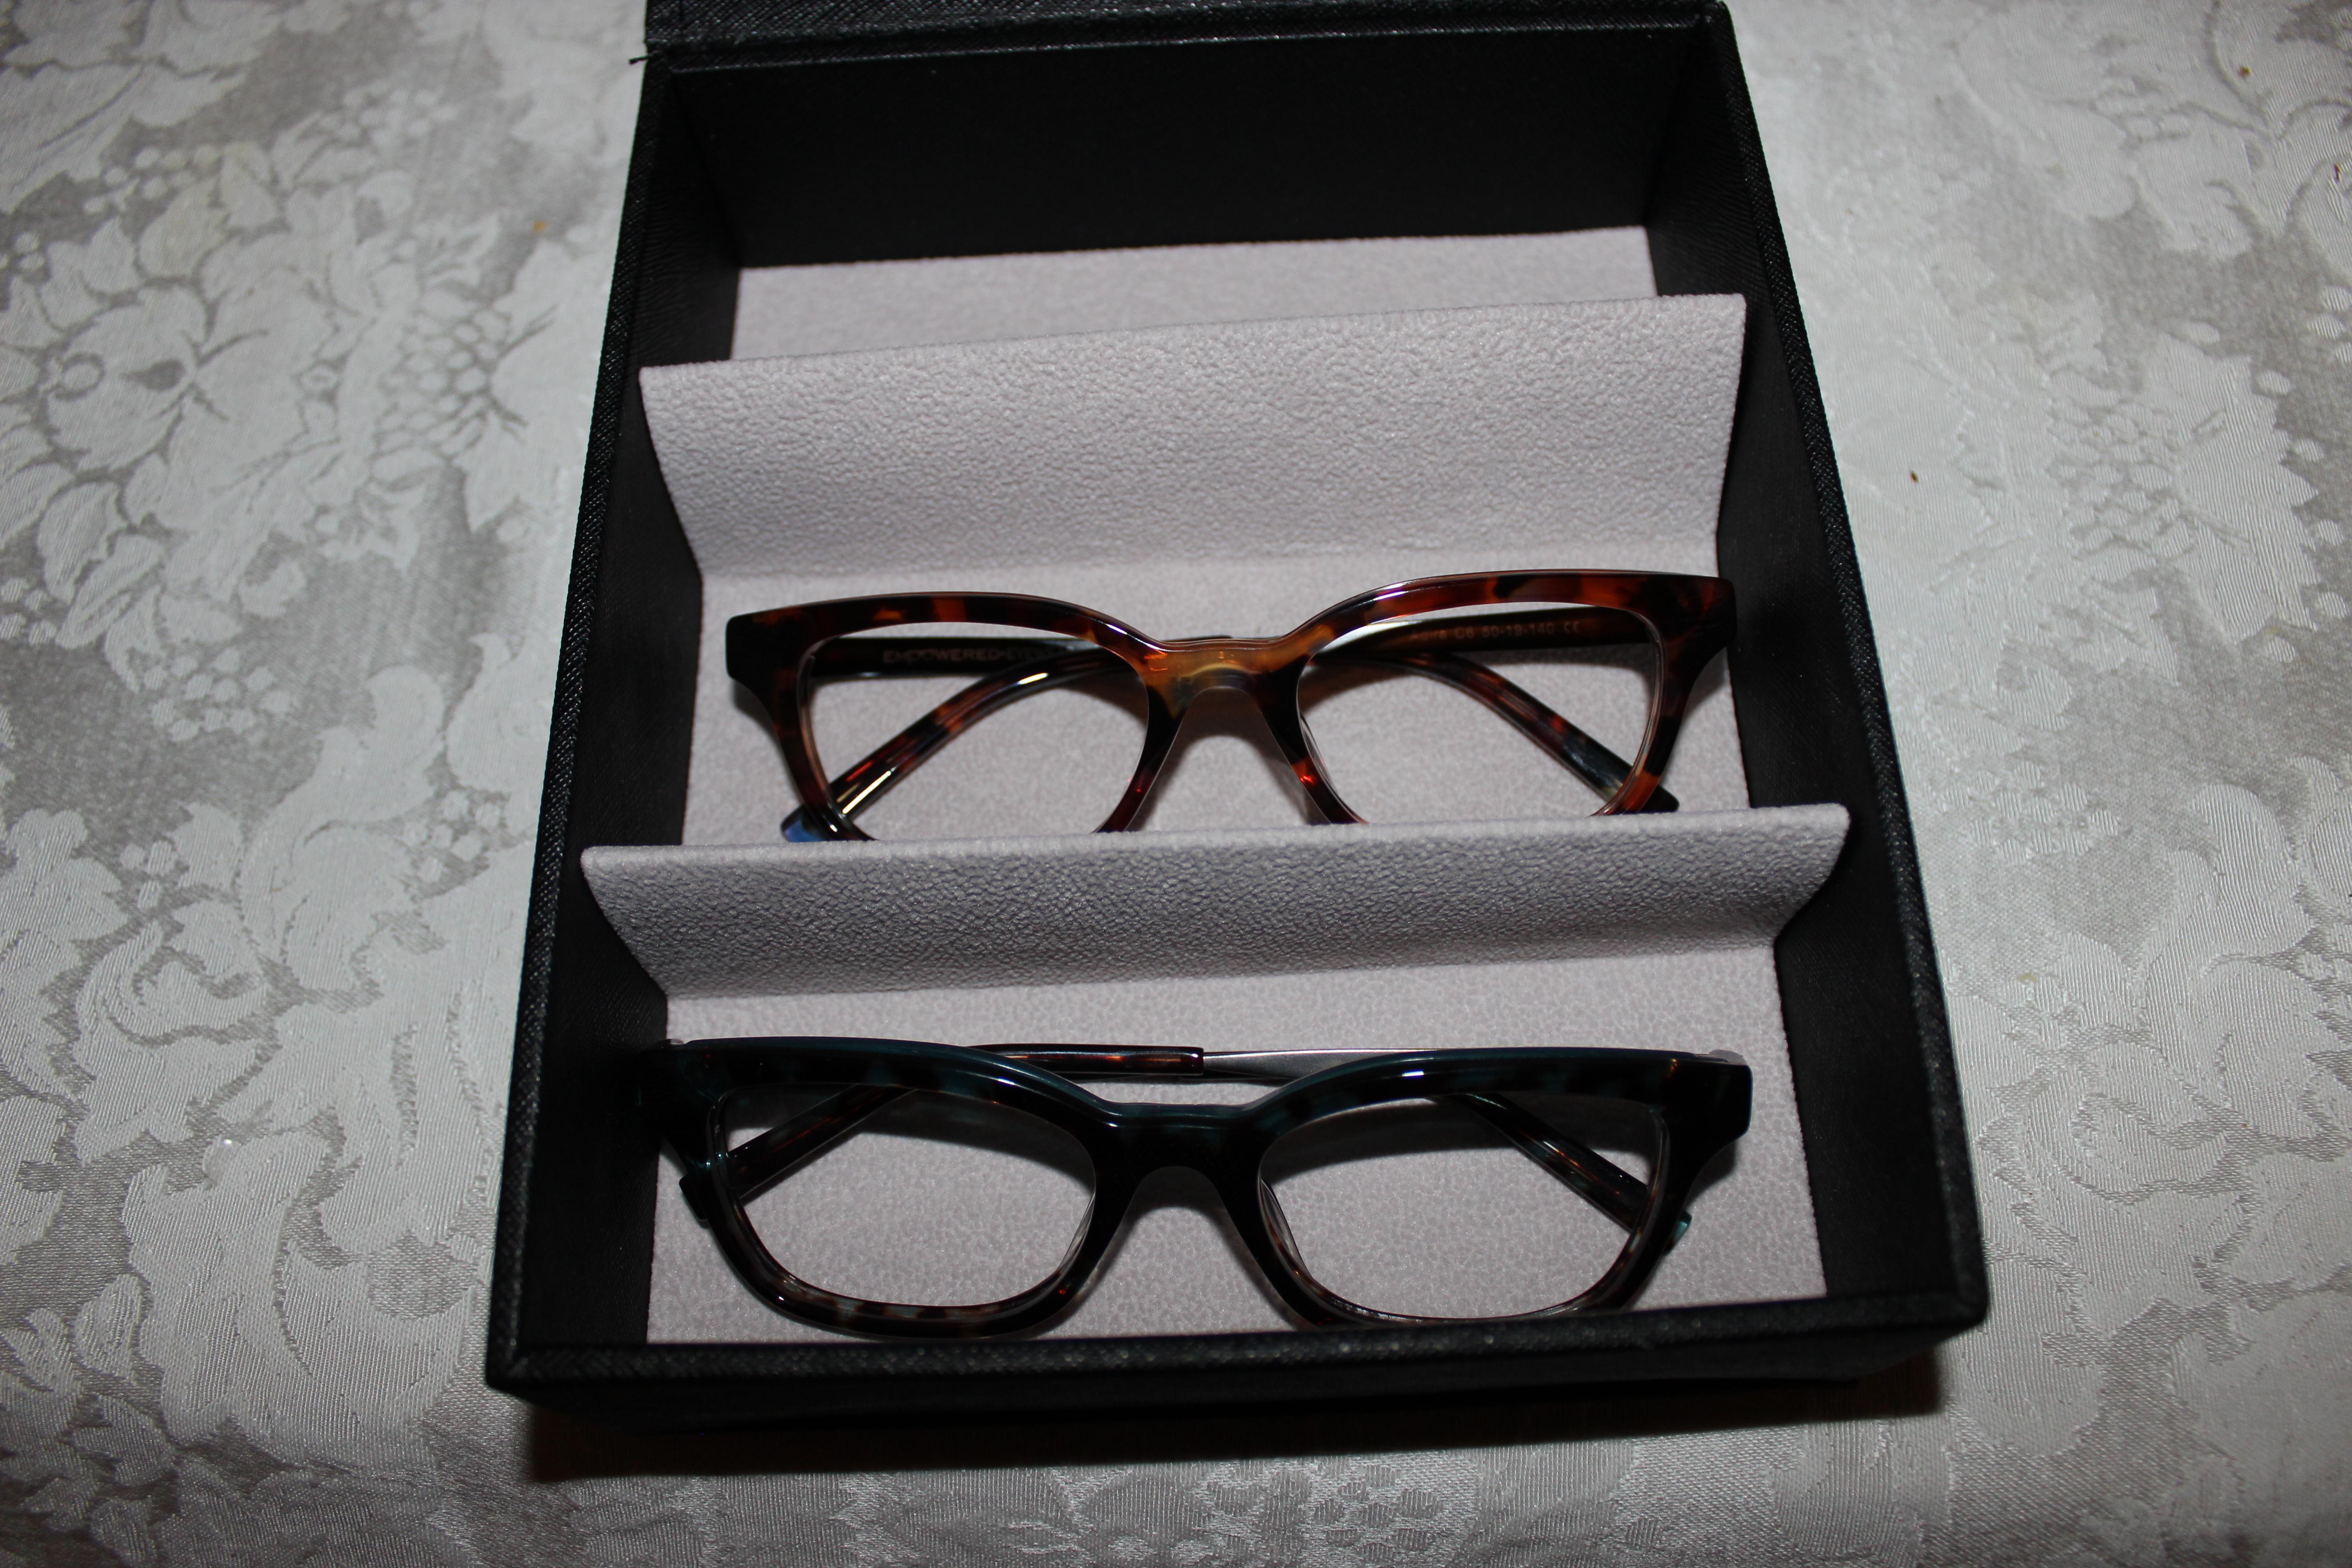 Empowered Eyewear